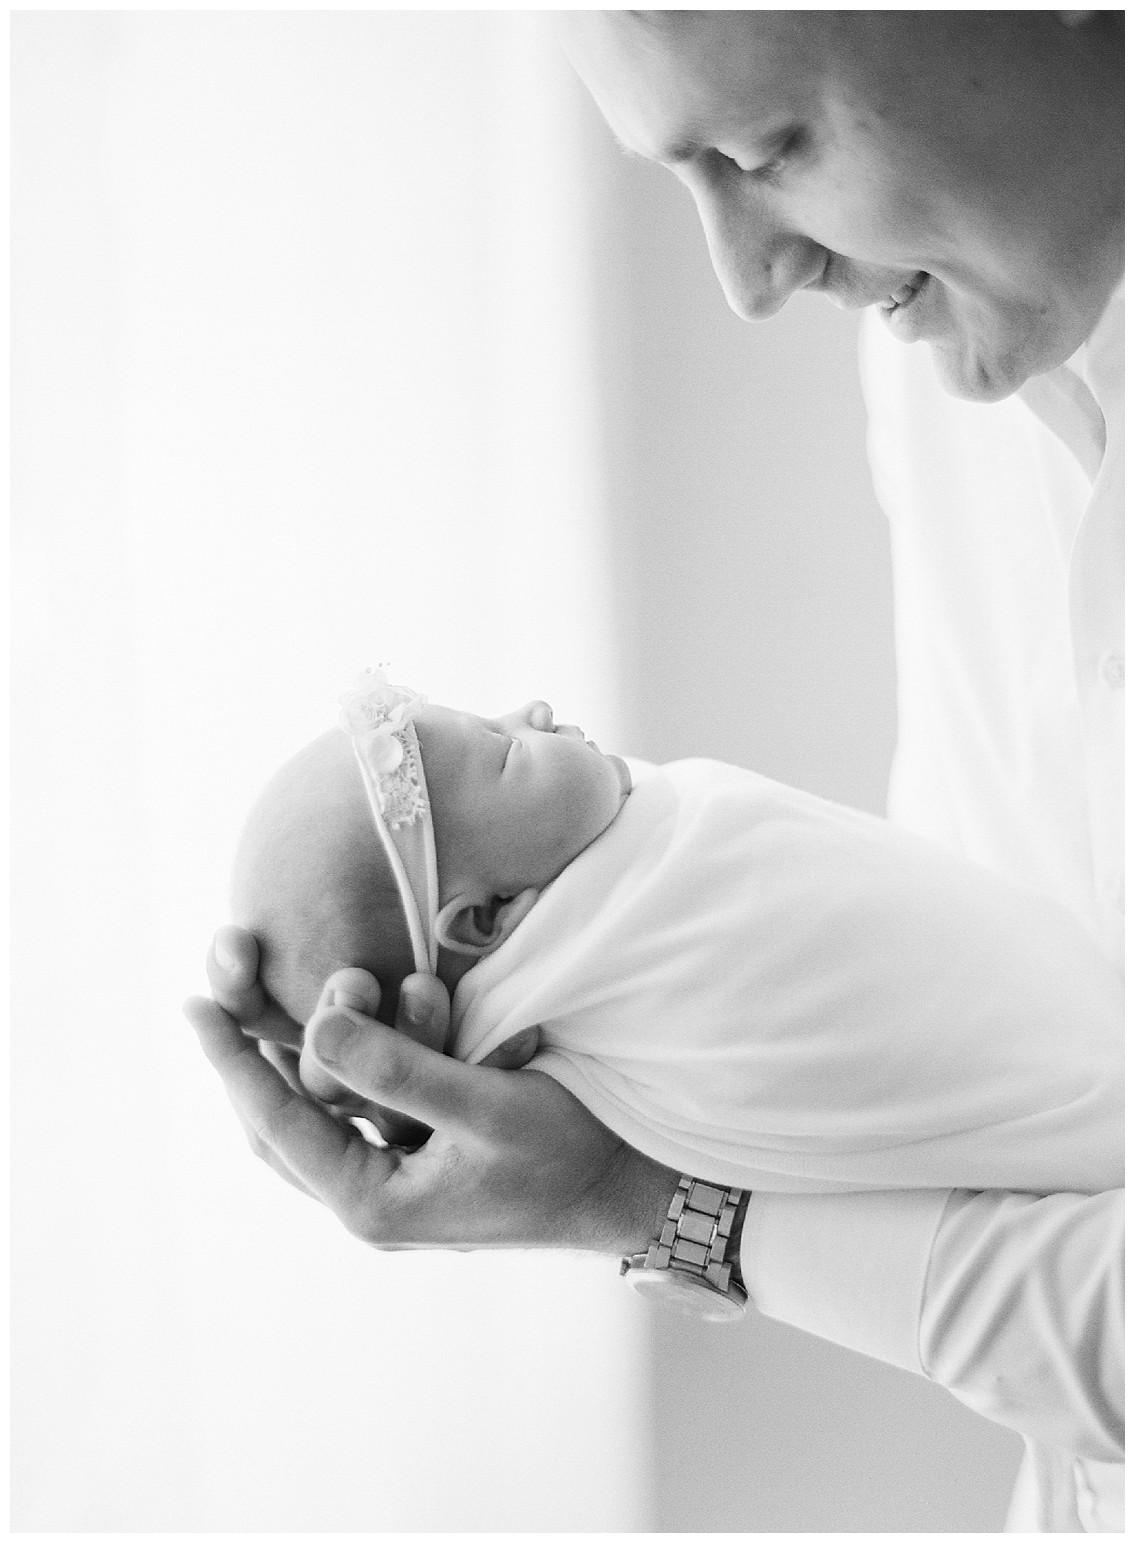 st louis photography_maternity_lauren muckler photography_film_st louis film photographer_0349.jpg